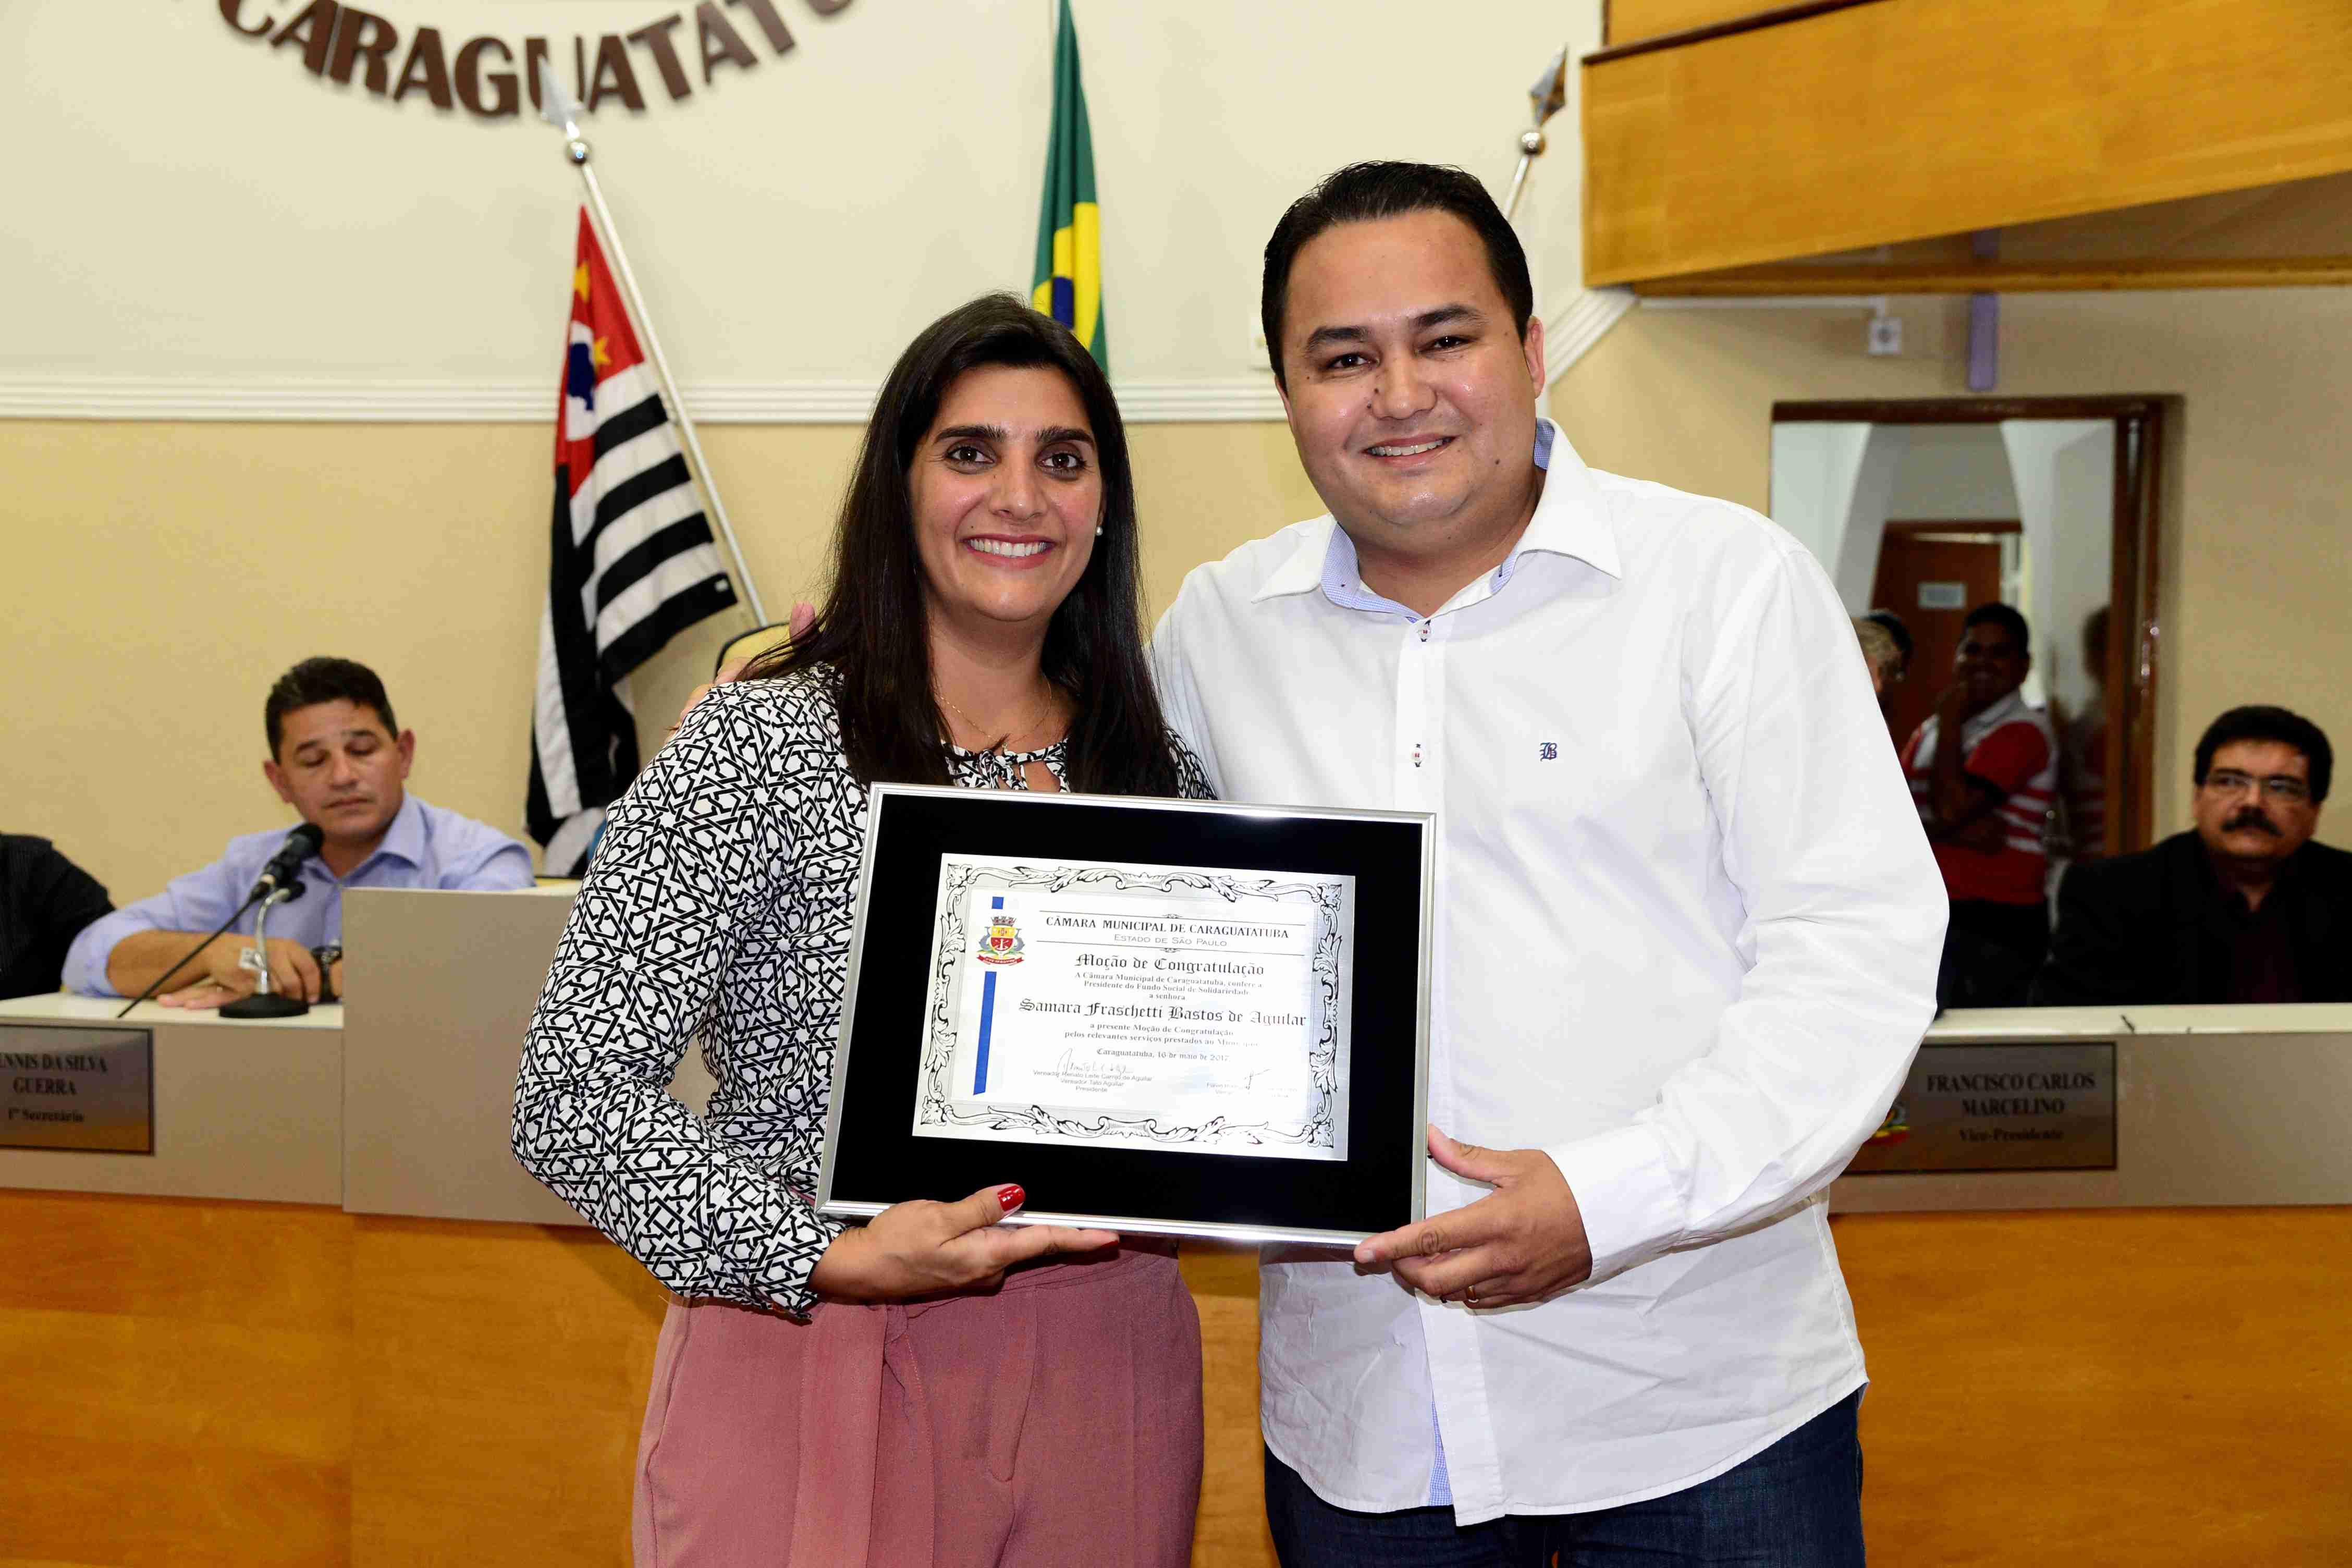 Samara Aguilar recebe Moção da Câmara por serviços prestados a frente do Fundo Social